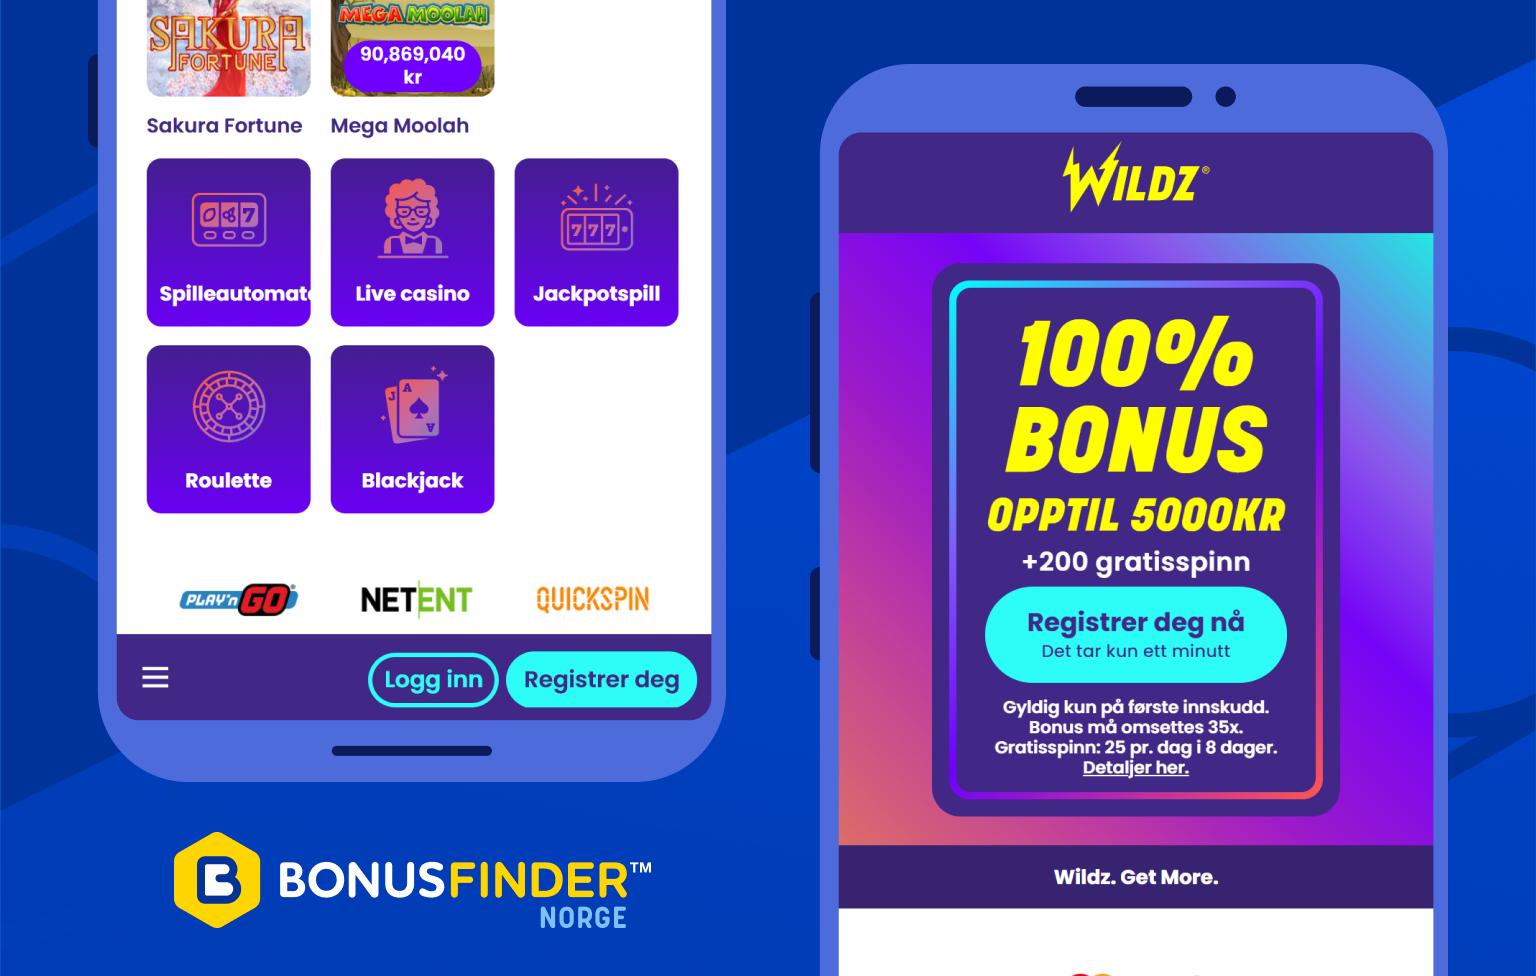 wildz 200 gratisspinn